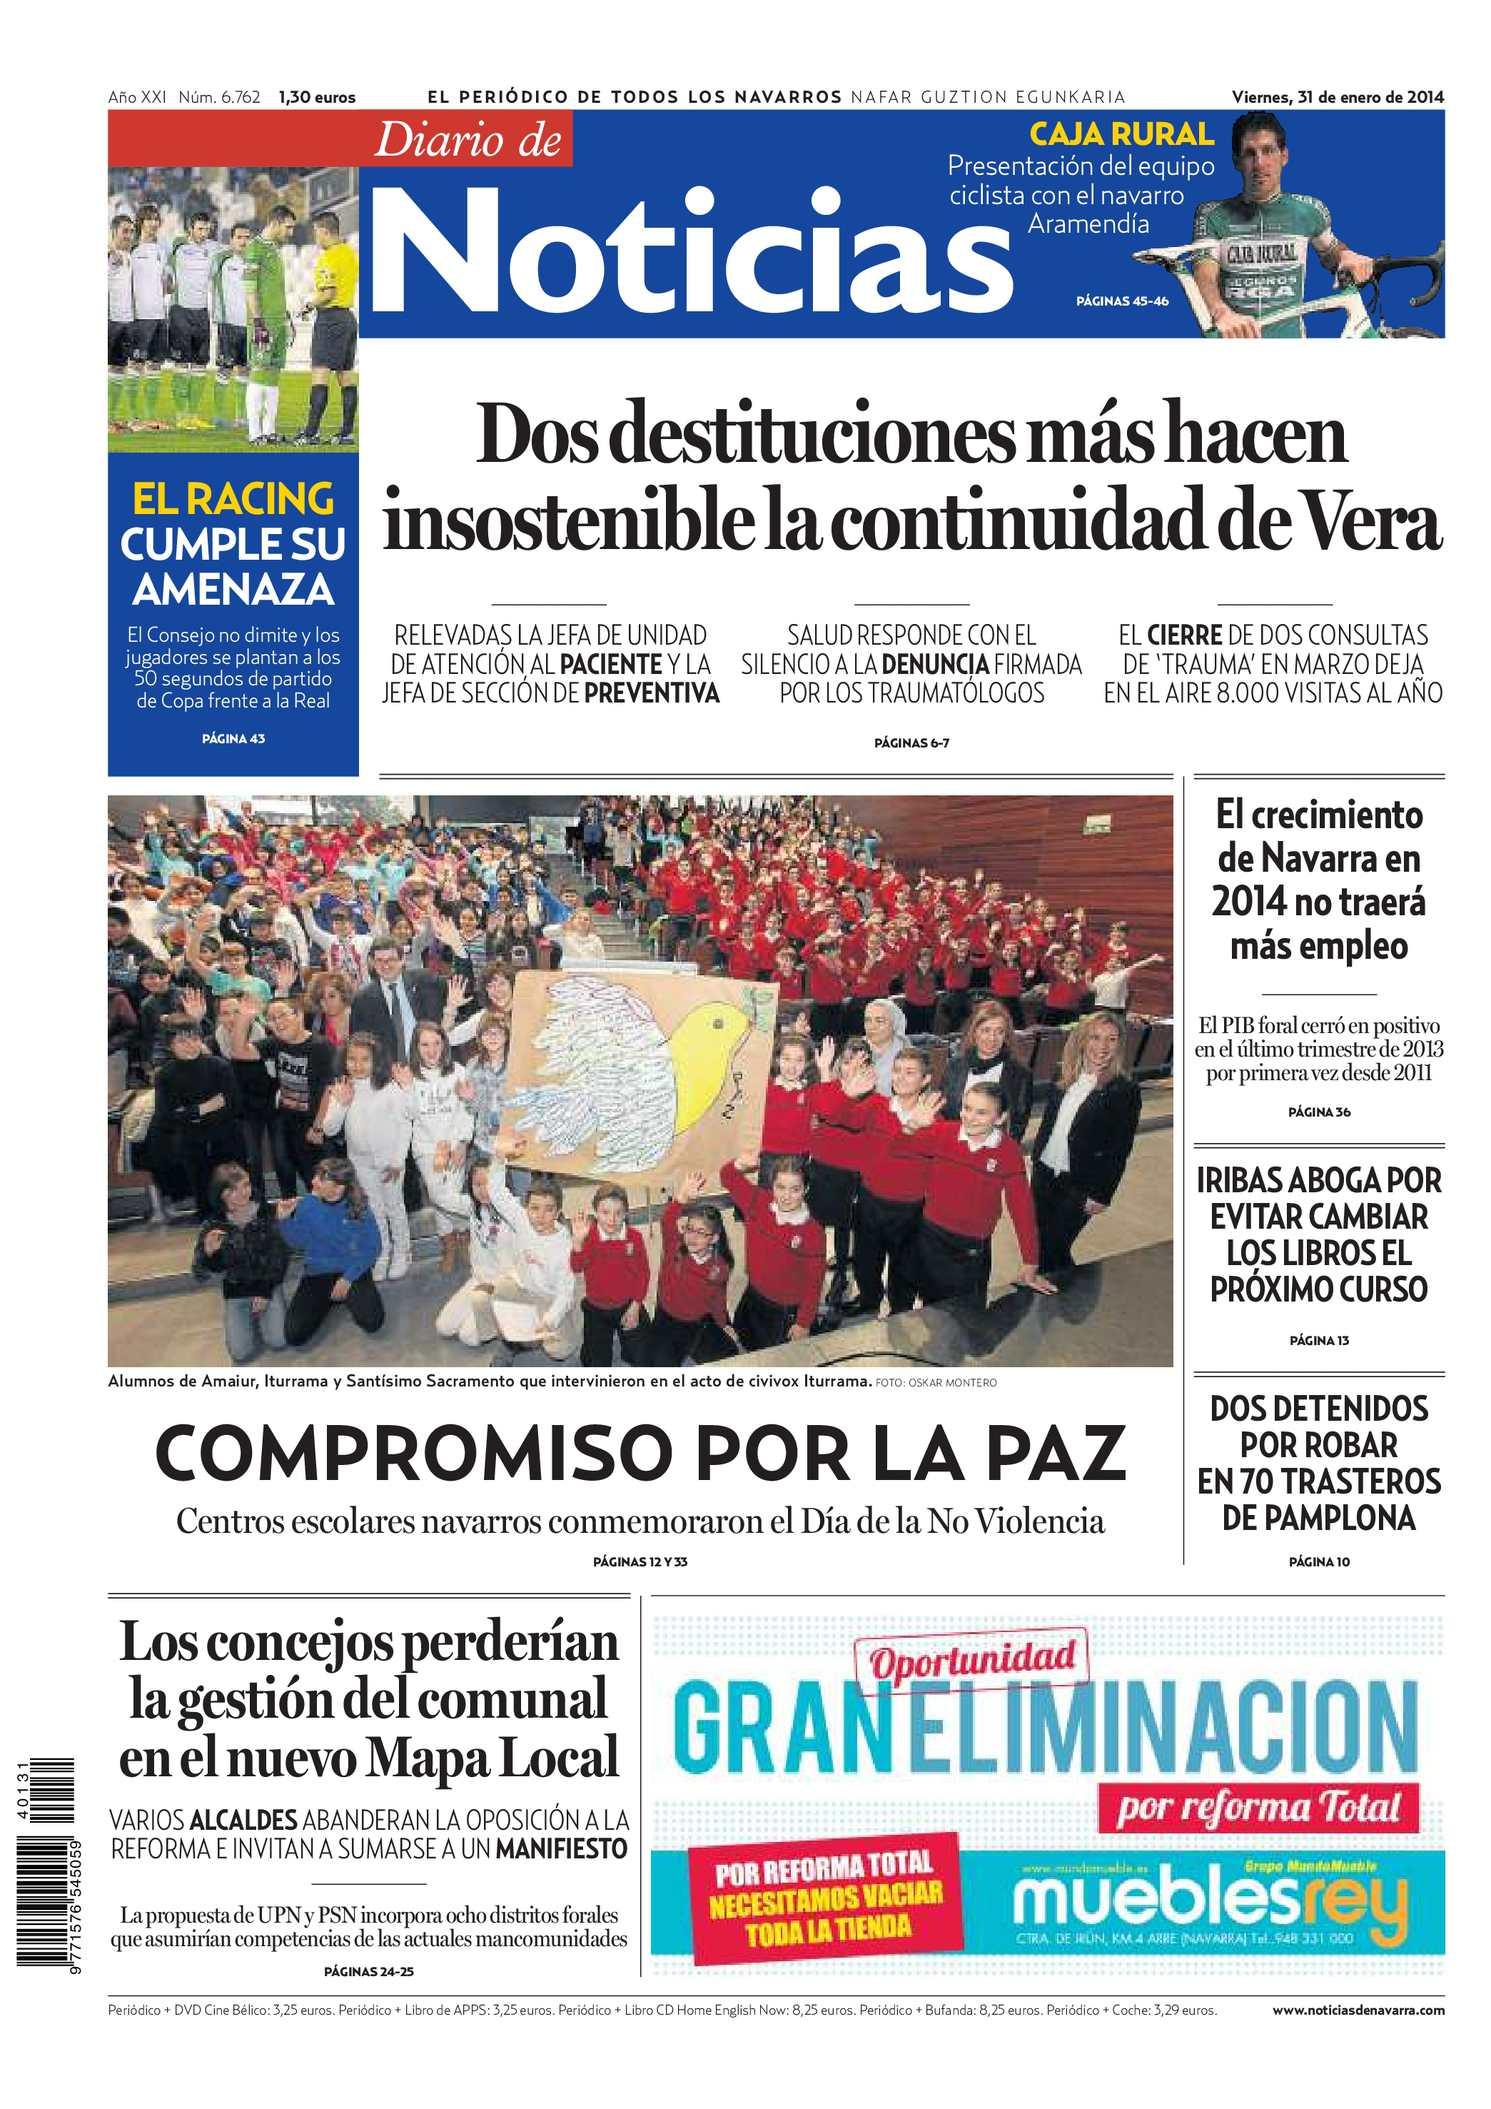 Calaméo - Diario de Noticias 20140131 82b7f133e2a